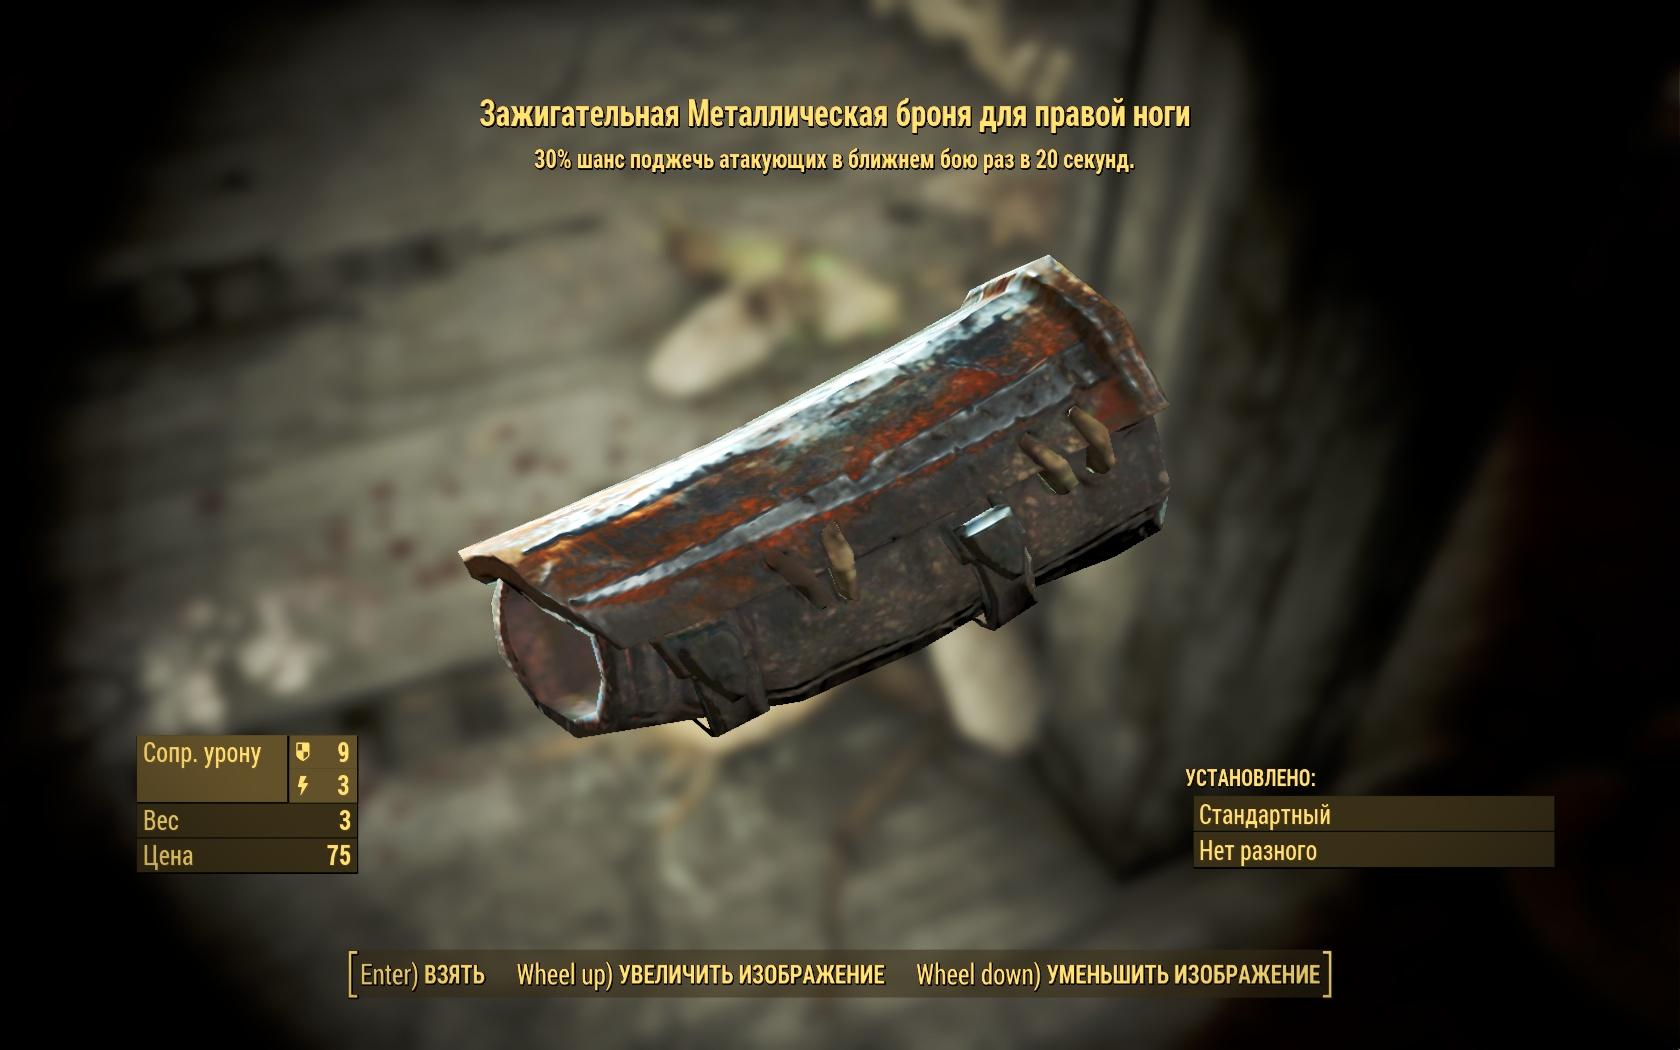 Зажигательная металлическая броня для правой ноги - Fallout 4 броня, Зажигательная, металлическая, Одежда